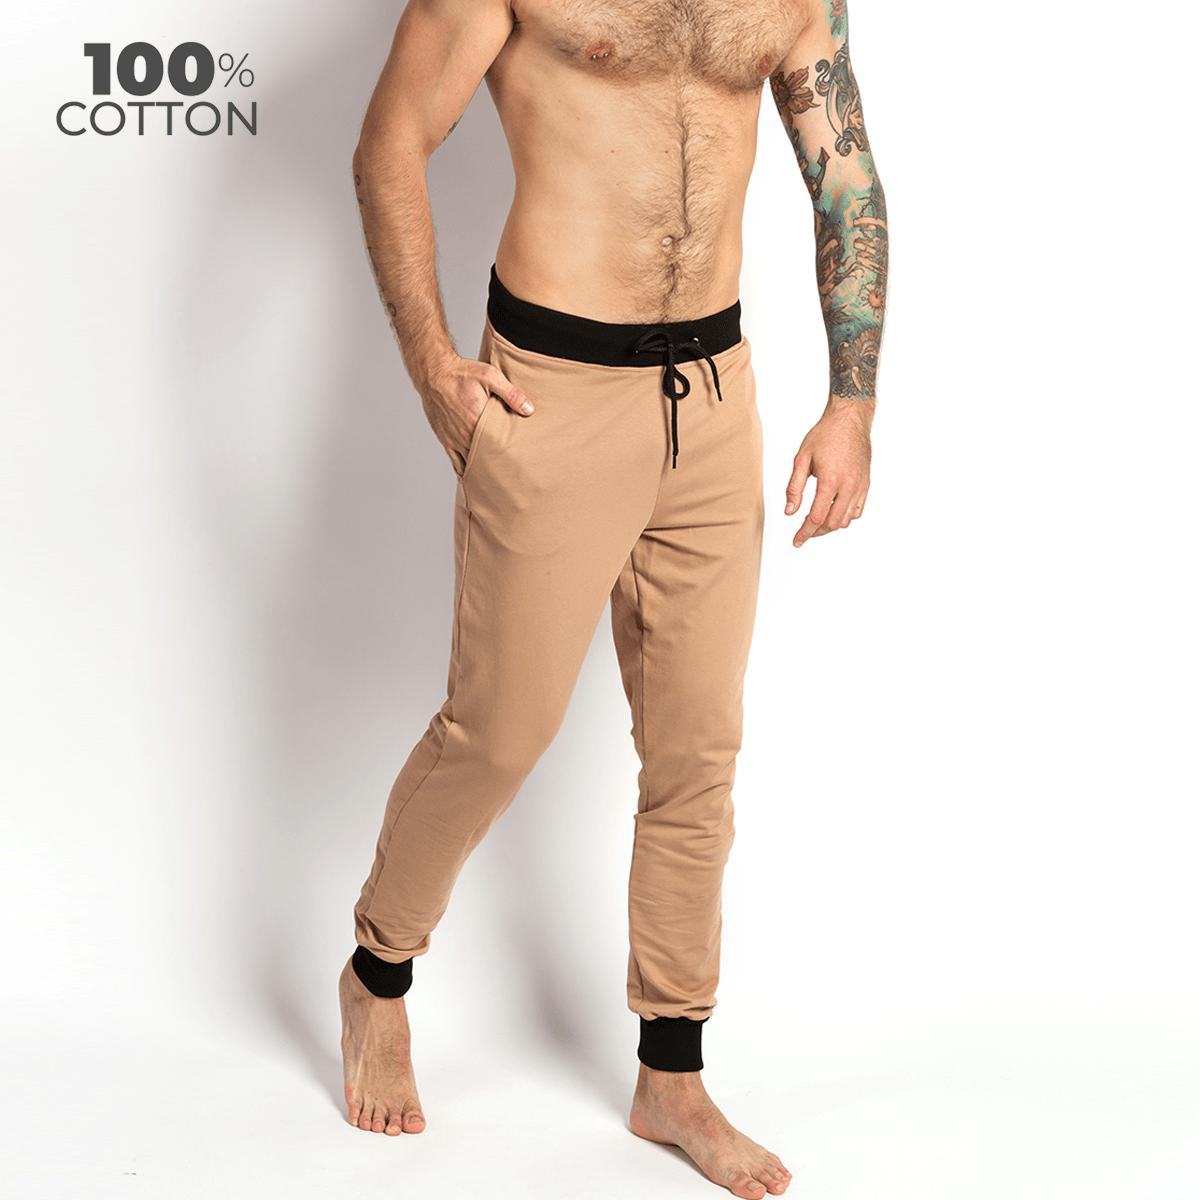 Мужские штаны для дома и отдыха Lounge Pants, бежевый MansSet